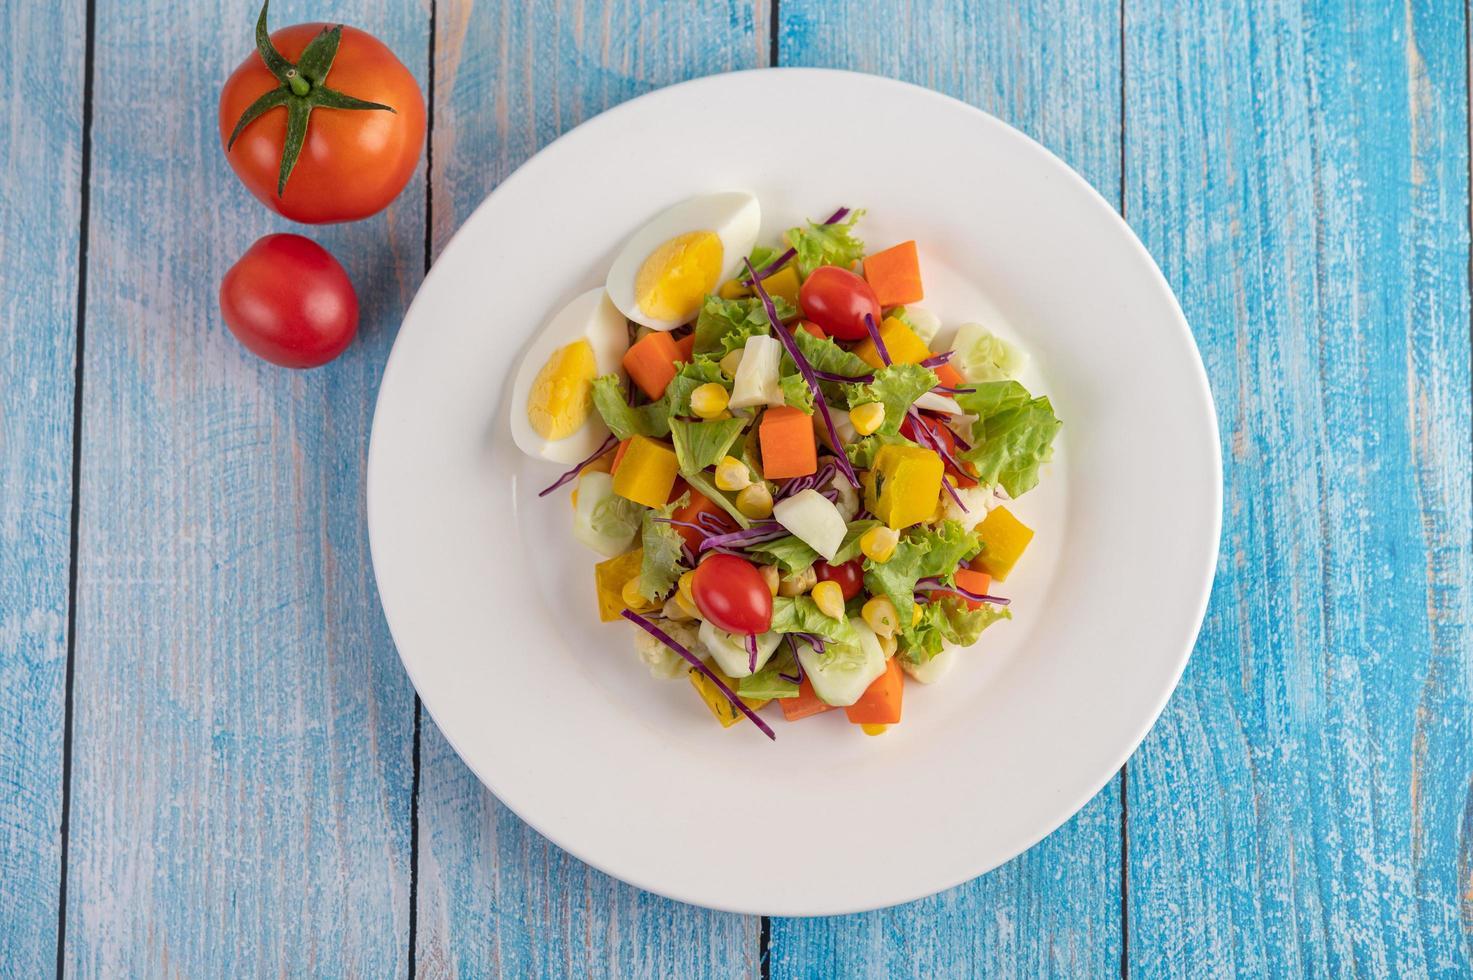 frisse salade op een witte plaat met een sandwich en tomaten foto